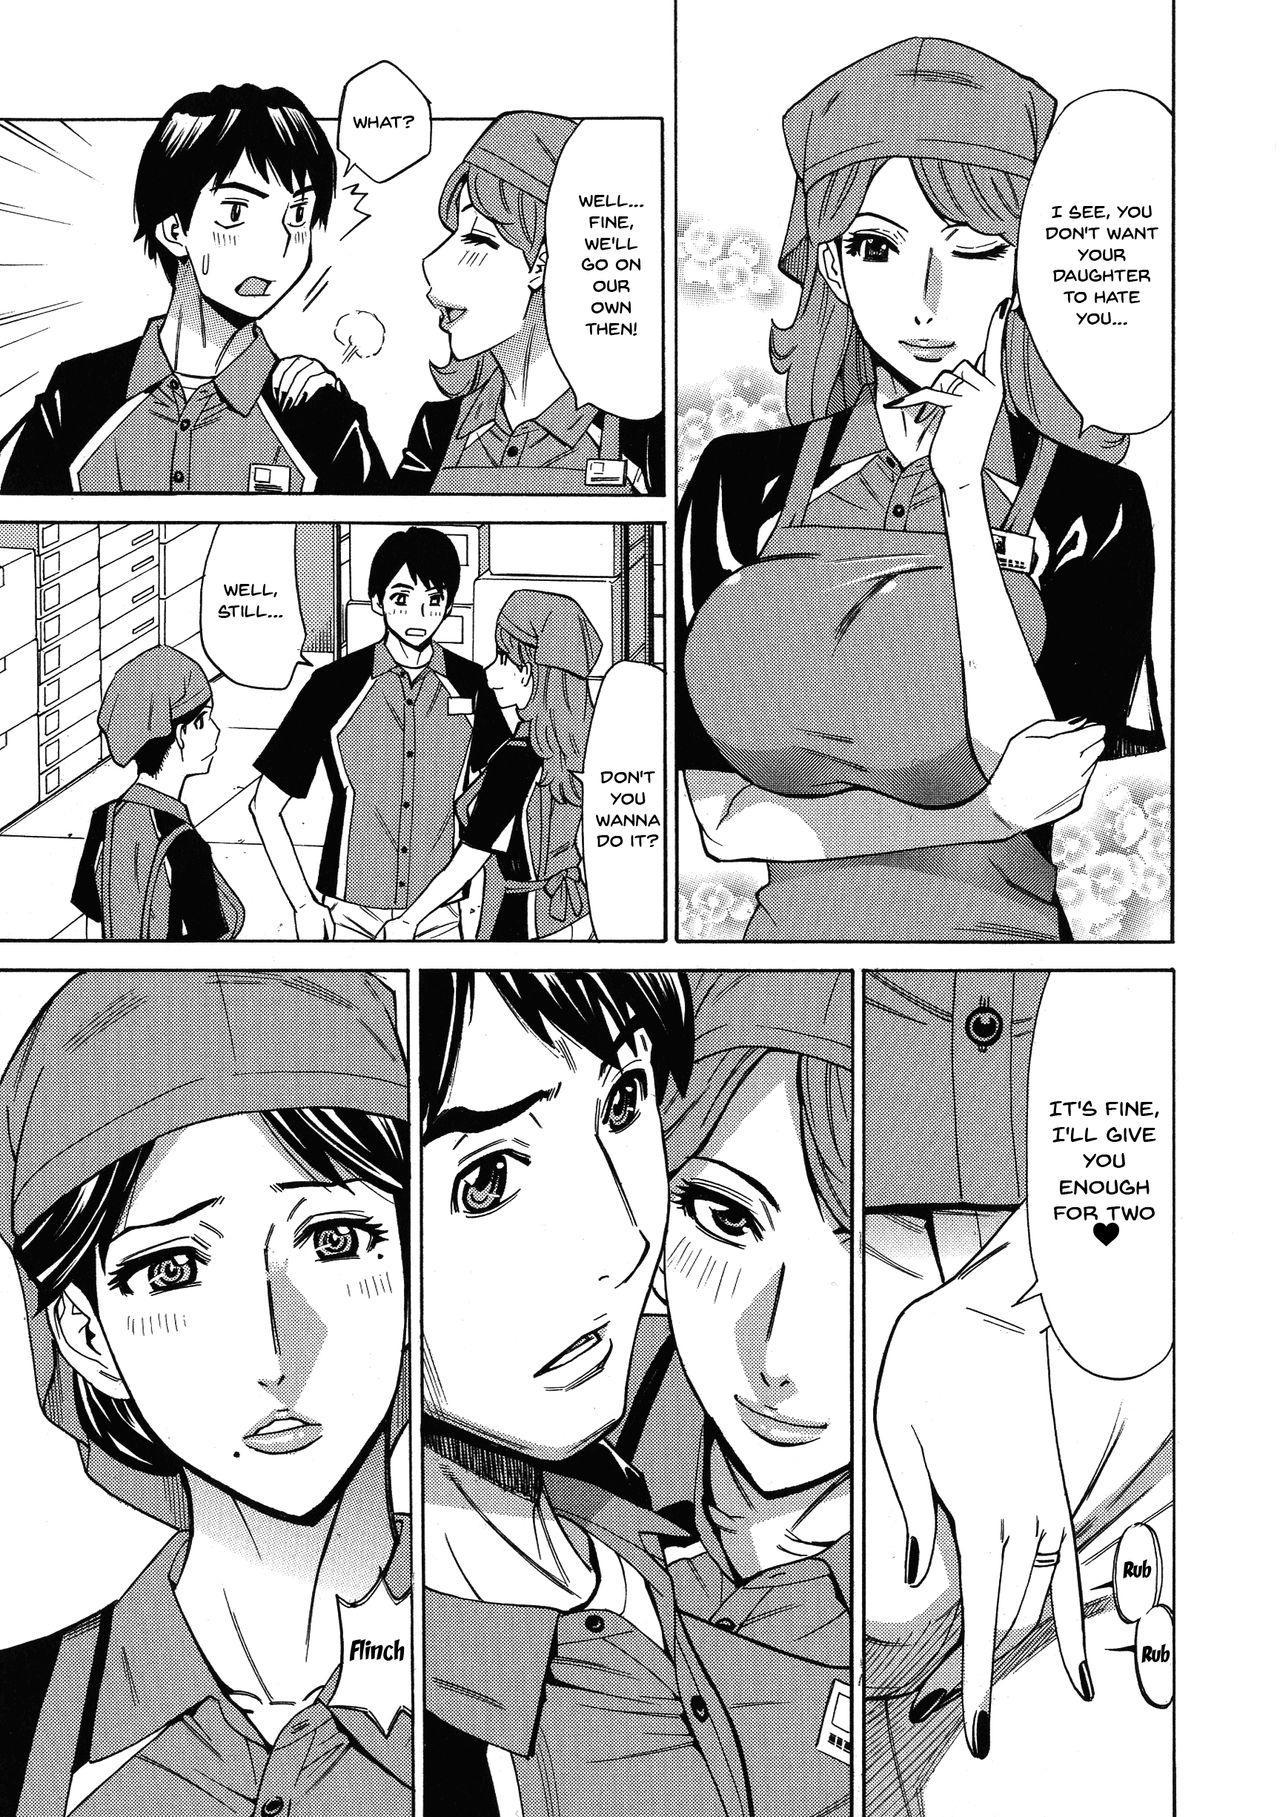 [Makibe Kataru] Hitozuma Koi Hanabi ~Hajimete no Furin ga 3P ni Itaru made~ Ch.1-9 [English] {Doujins.com} 79